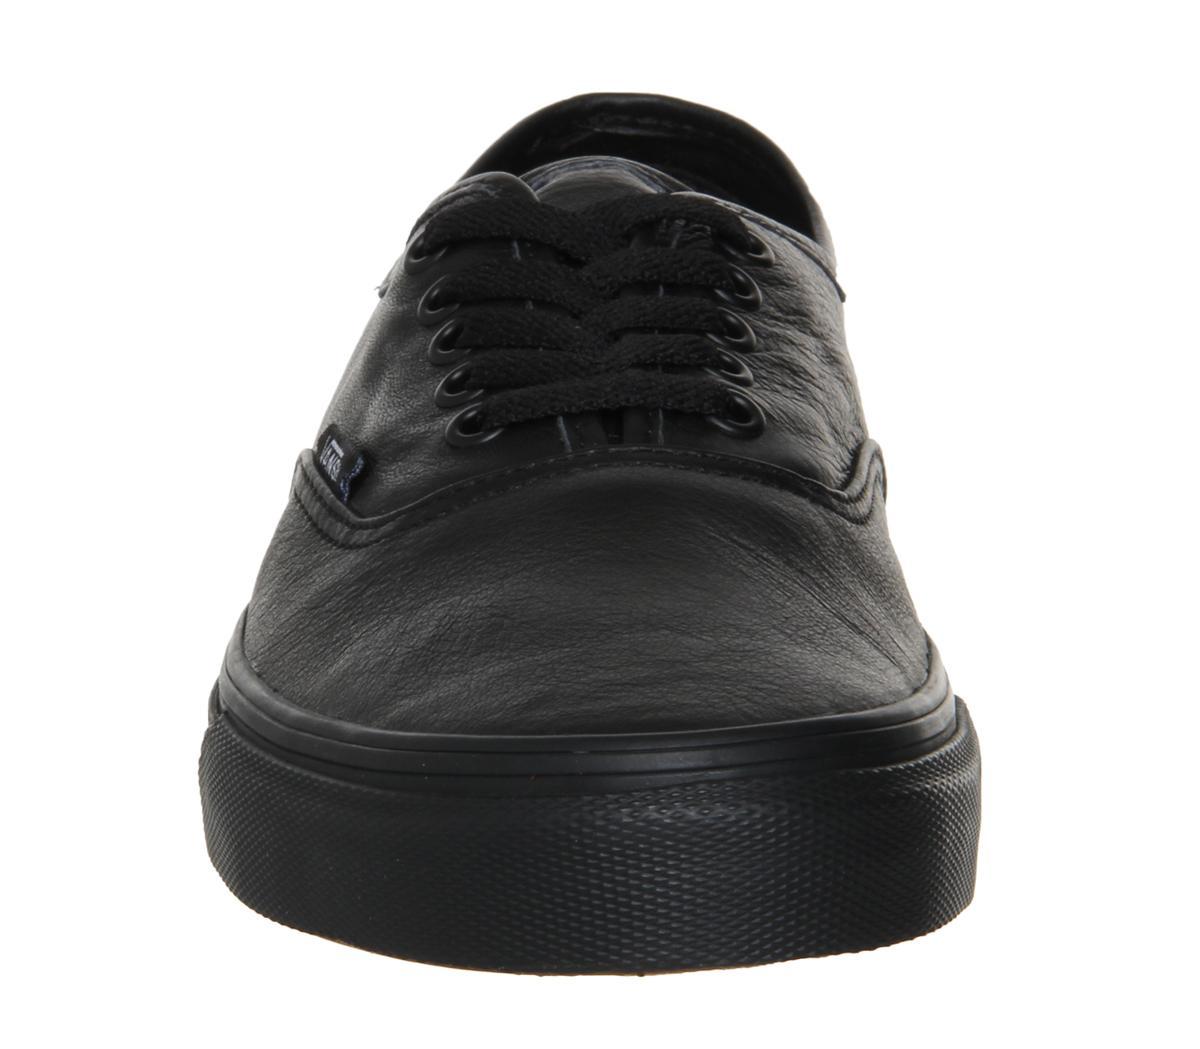 Vans Authentic Leather Black Mono